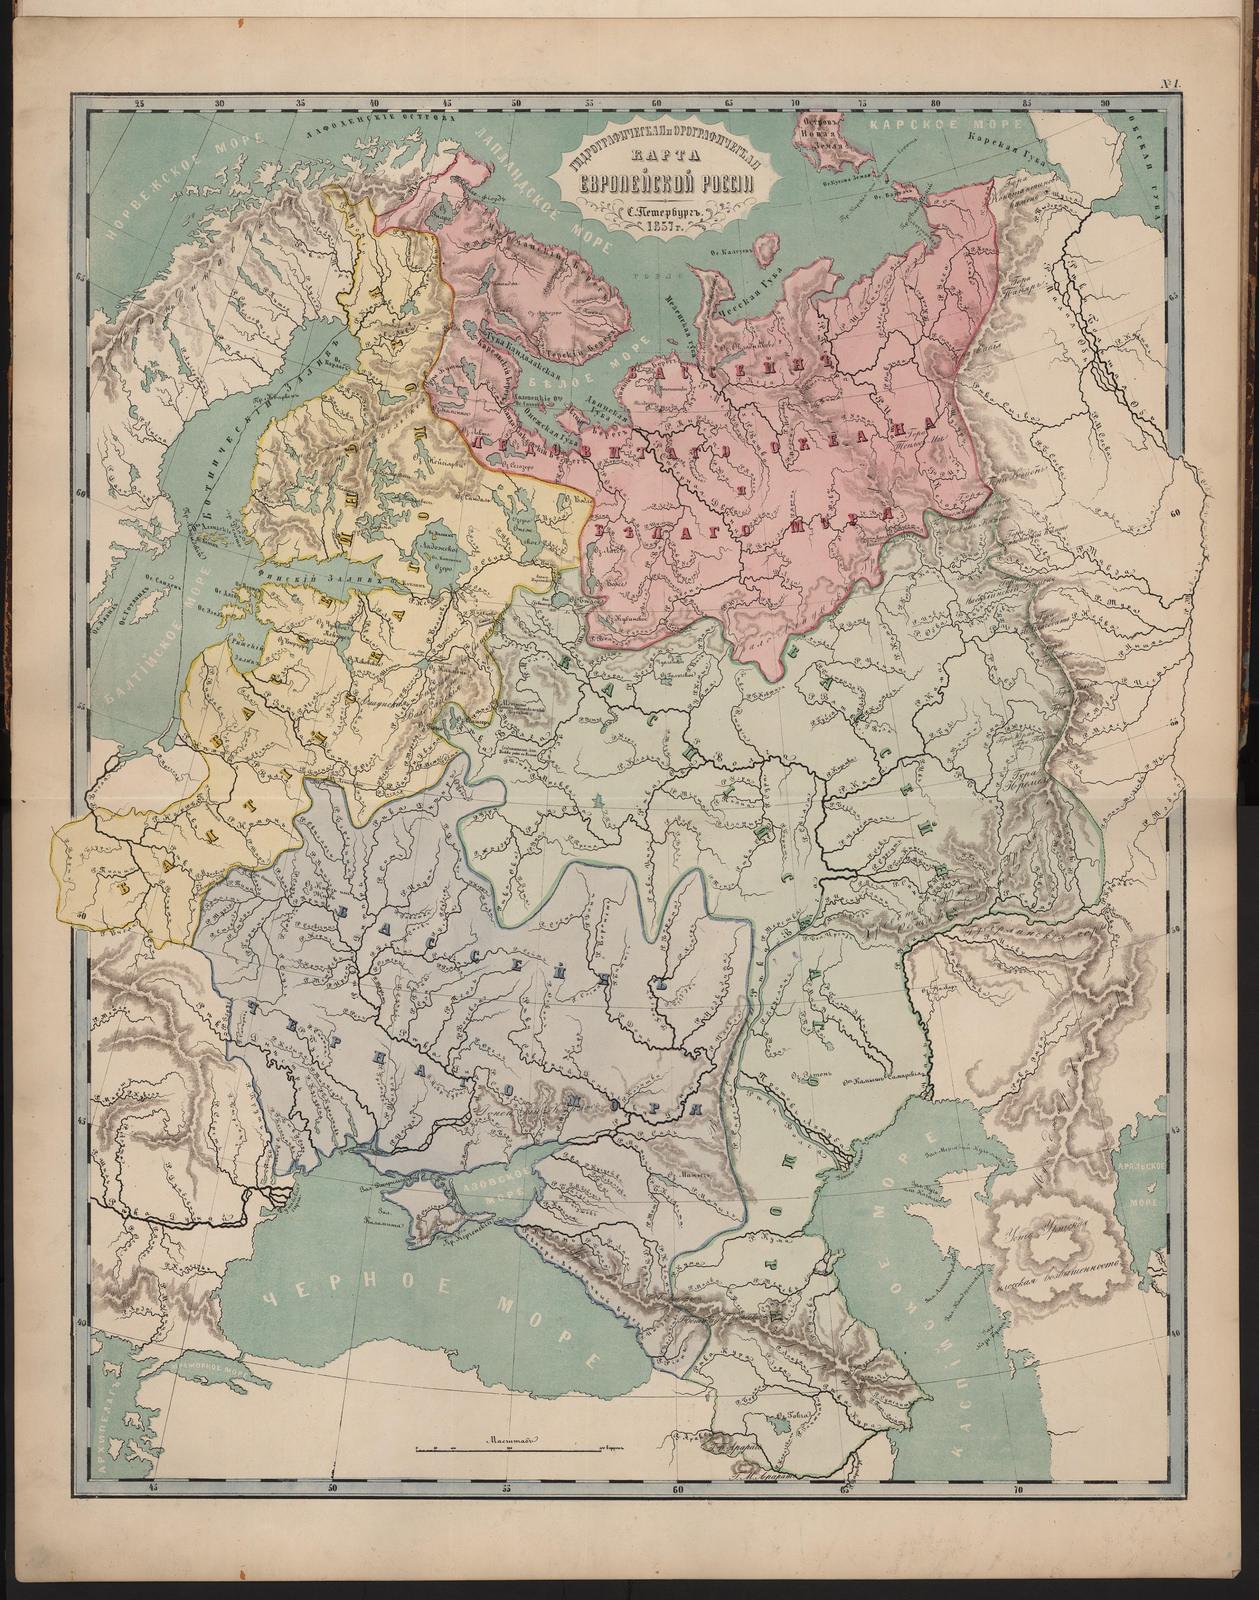 01. Гидрогеологическая и орографическая карта Европейской России